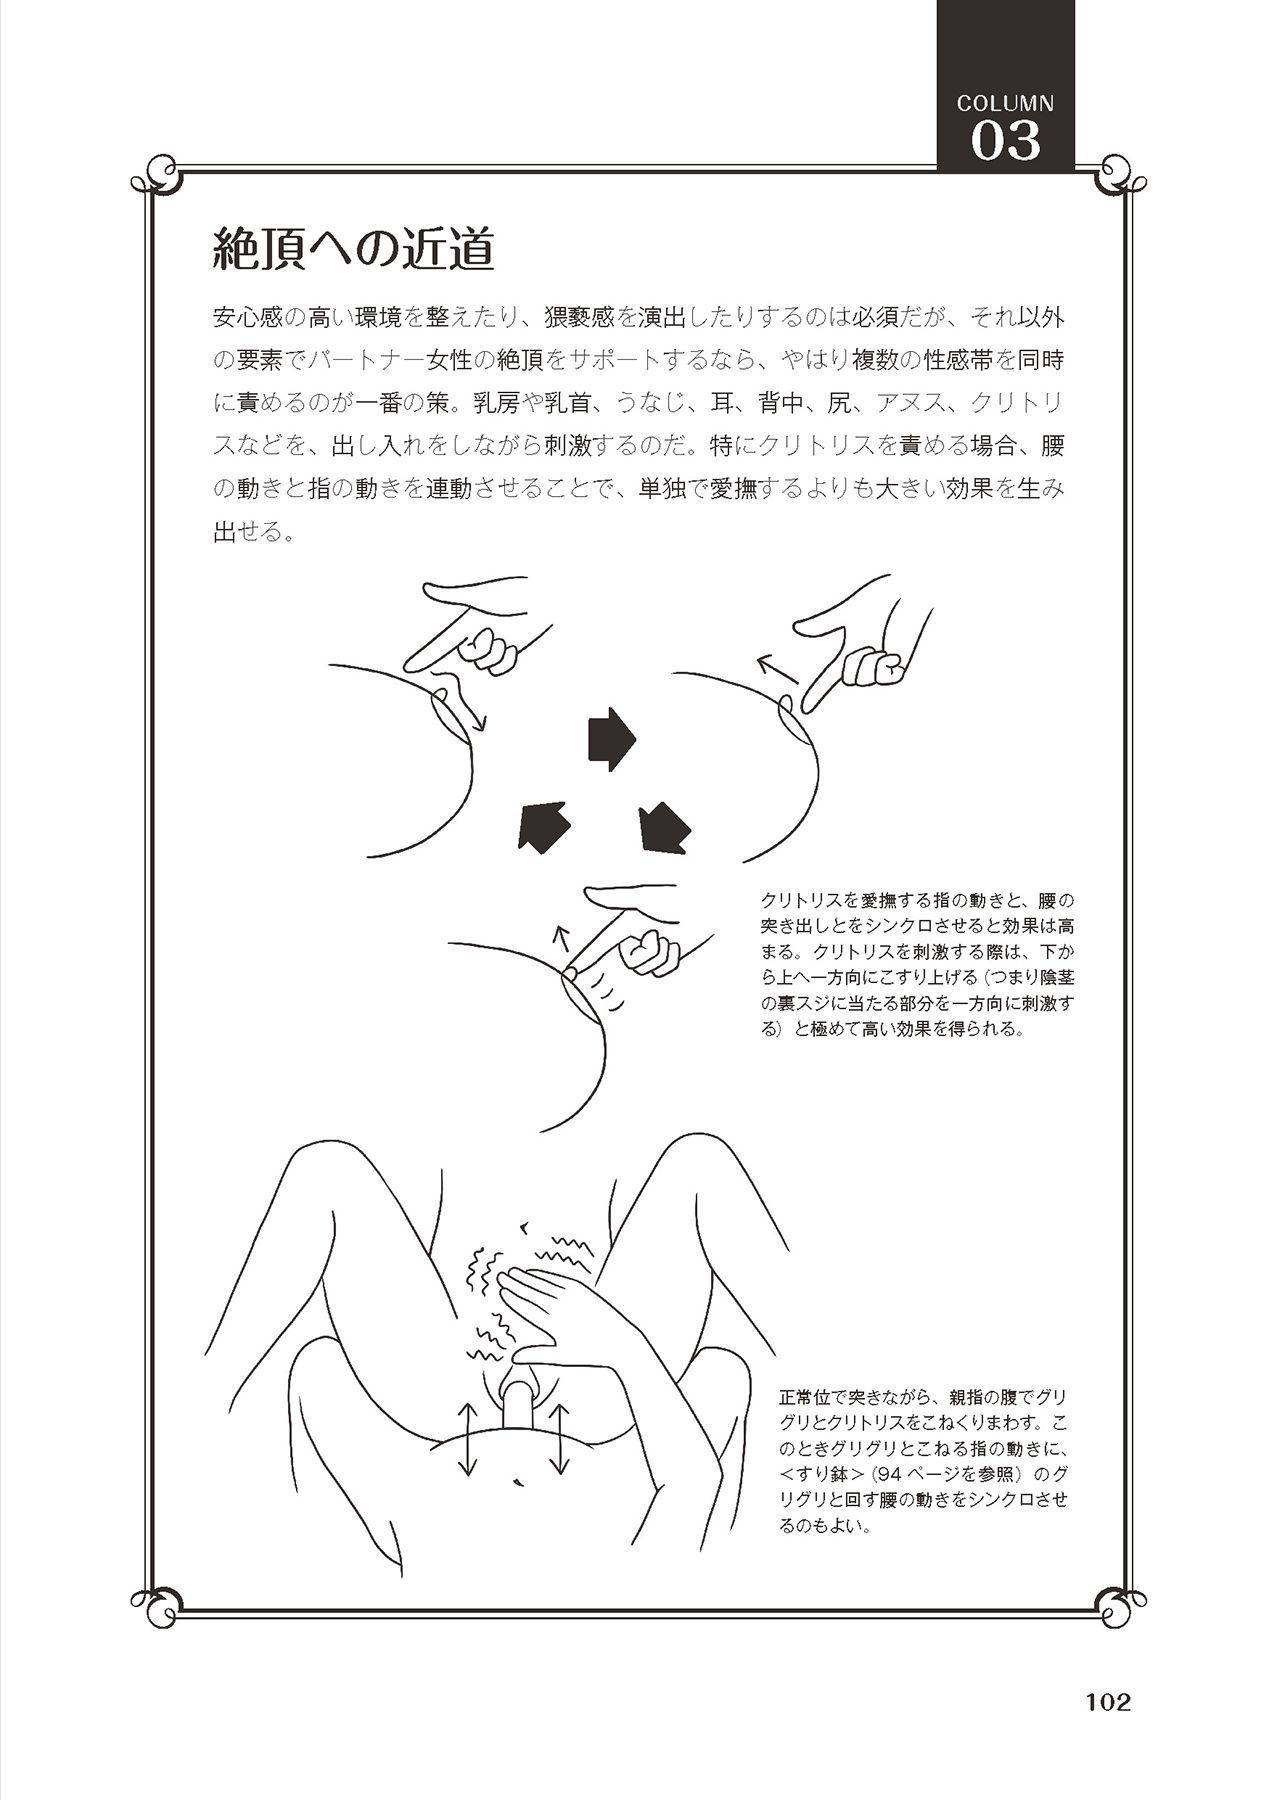 膣挿入&ピストン運動完全マニュアル イラスト版……ピスとんッ! 103